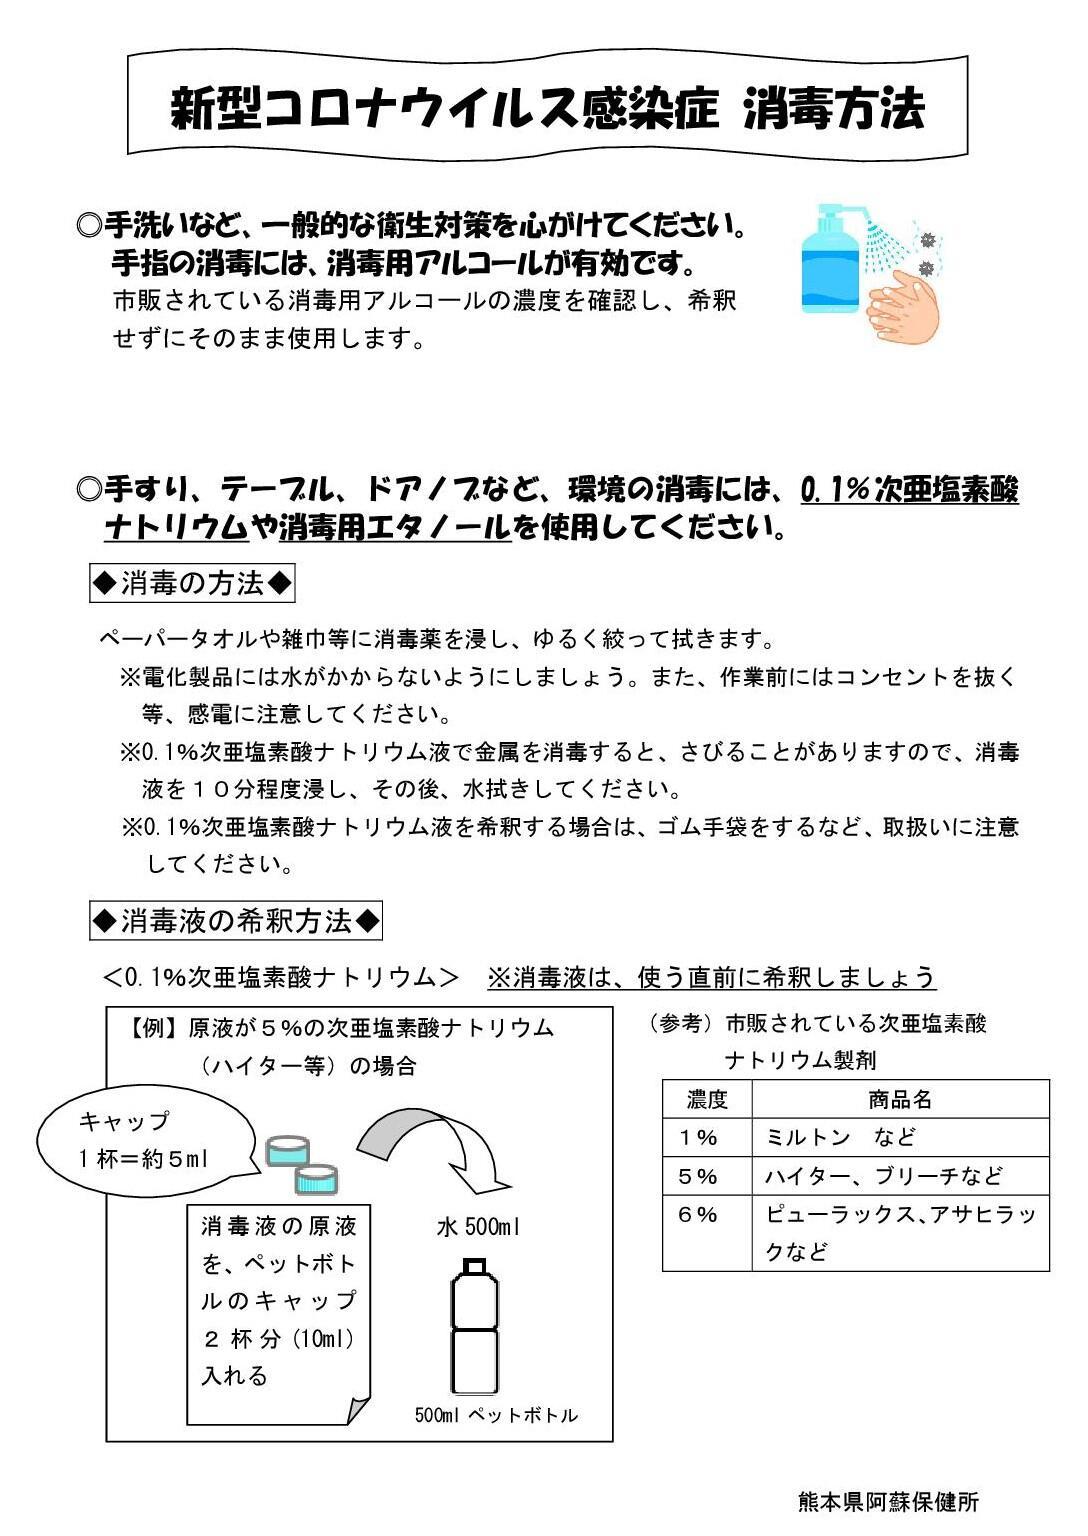 20200304阿蘇保健所作成チラシ「新型コロナウイルス感染症消毒方法」.jpg